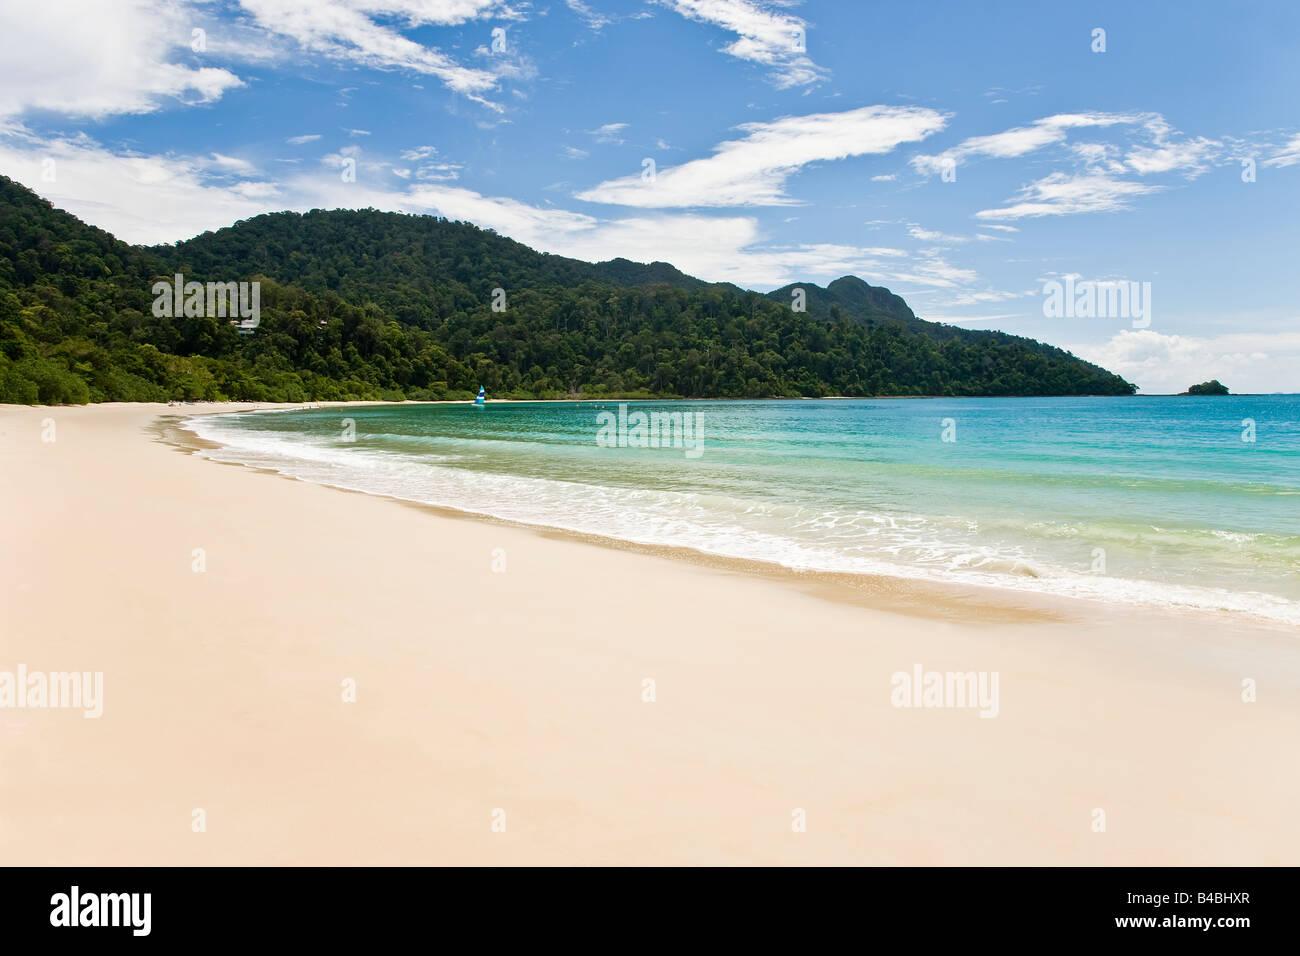 asia-malaysia-langkawi-island-pulau-lang